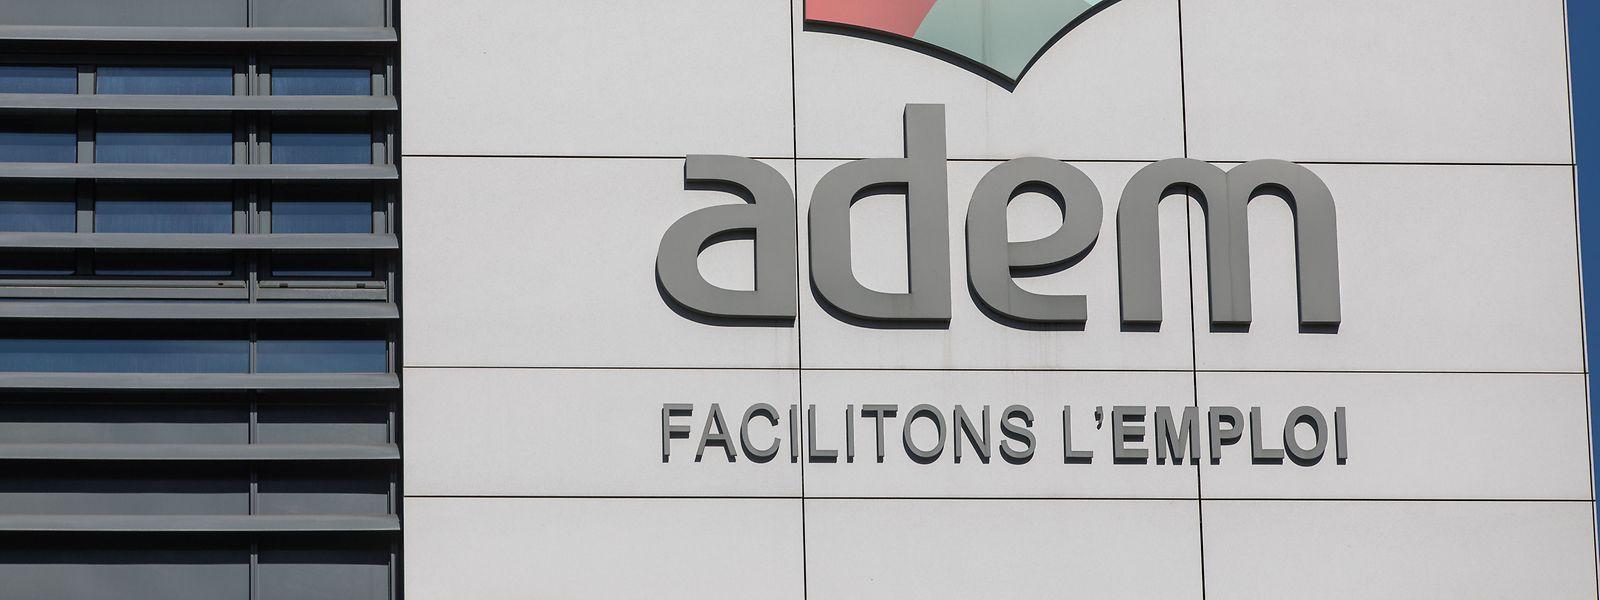 Der ADEM werden seit der Corona-Krise weniger freie Stellen gemeldet.